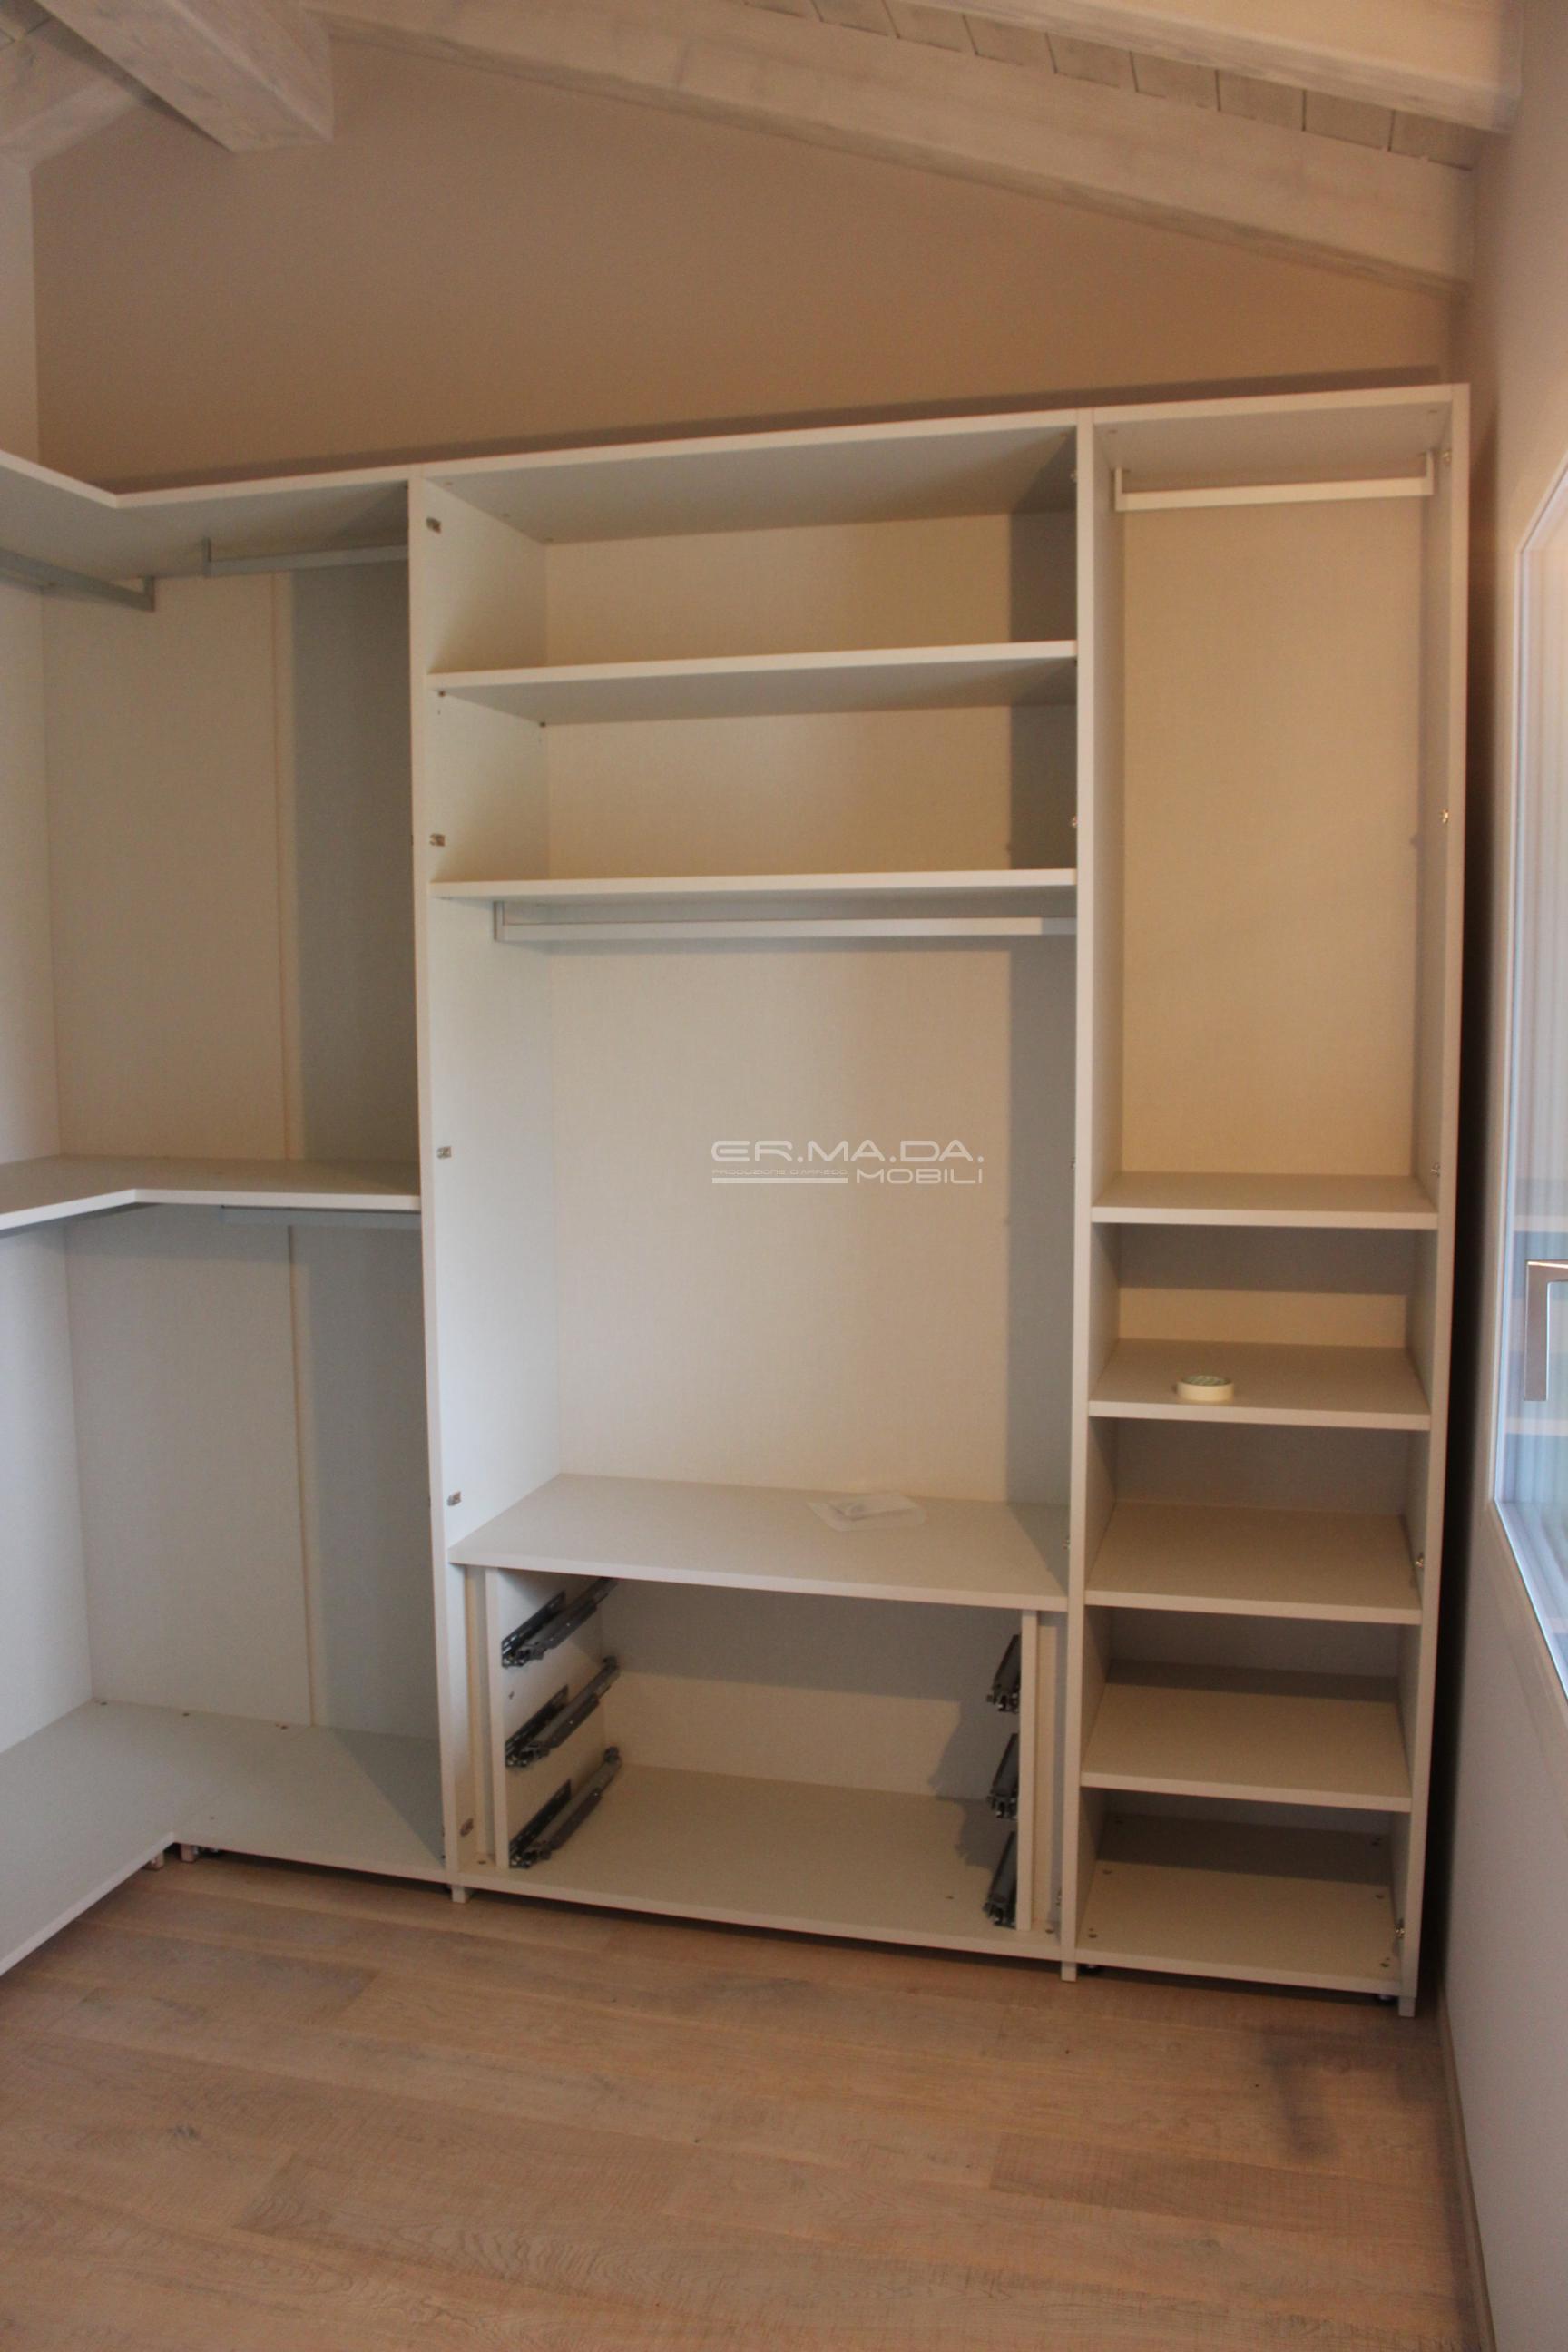 Armadio angolare 4 er ma da mobilificio progetta e for Progetta i tuoi mobili online